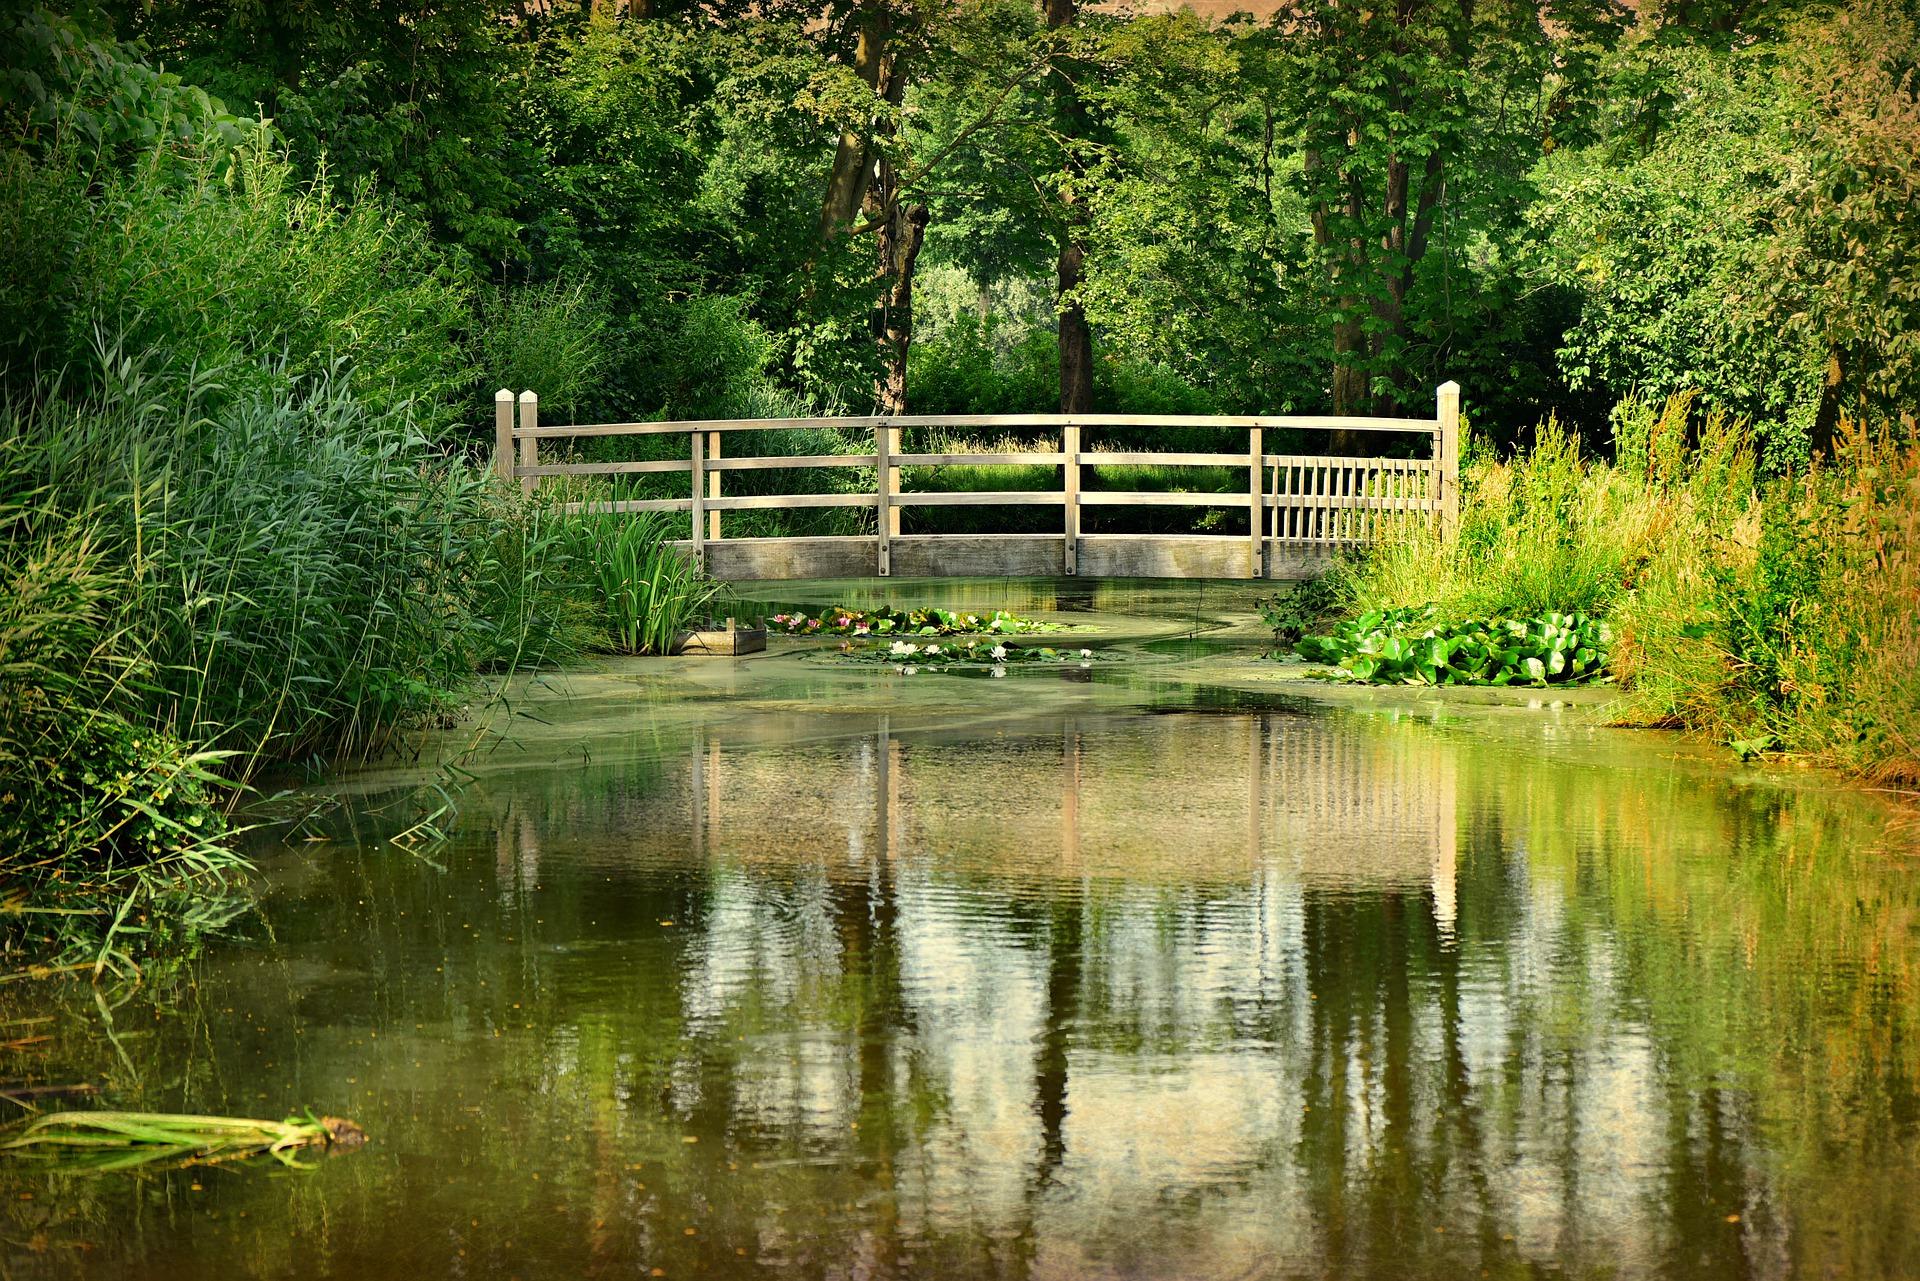 Oczko wodne w ogrodzie to ponadczasowy element dekoracyjny, zwłaszcza jeśli obsadzone jest roślinami i tryska w nim woda.